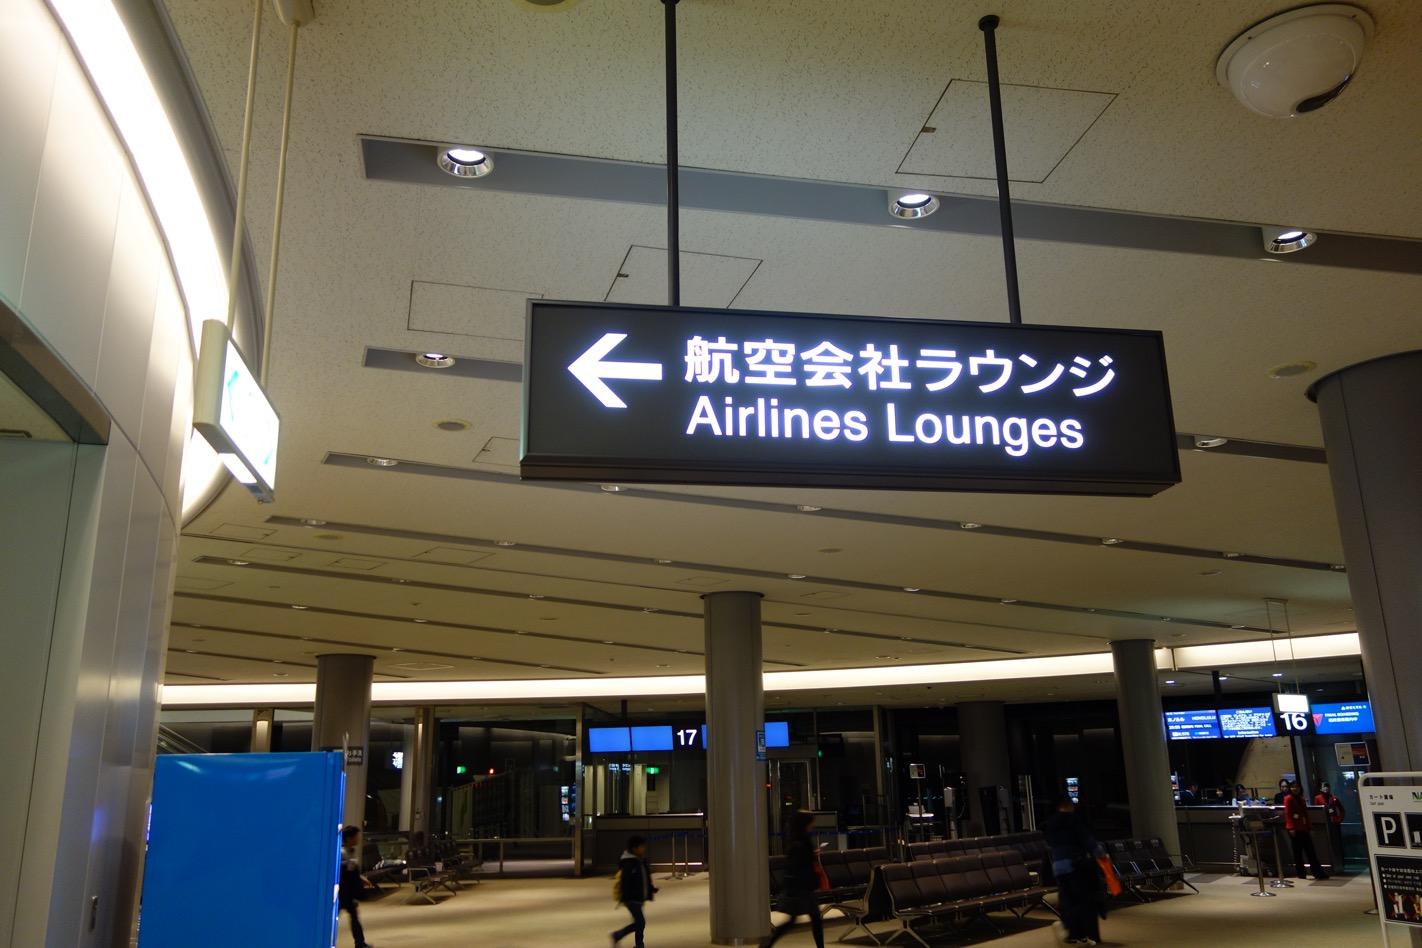 国際線の空港の航空会社ラウンジ1